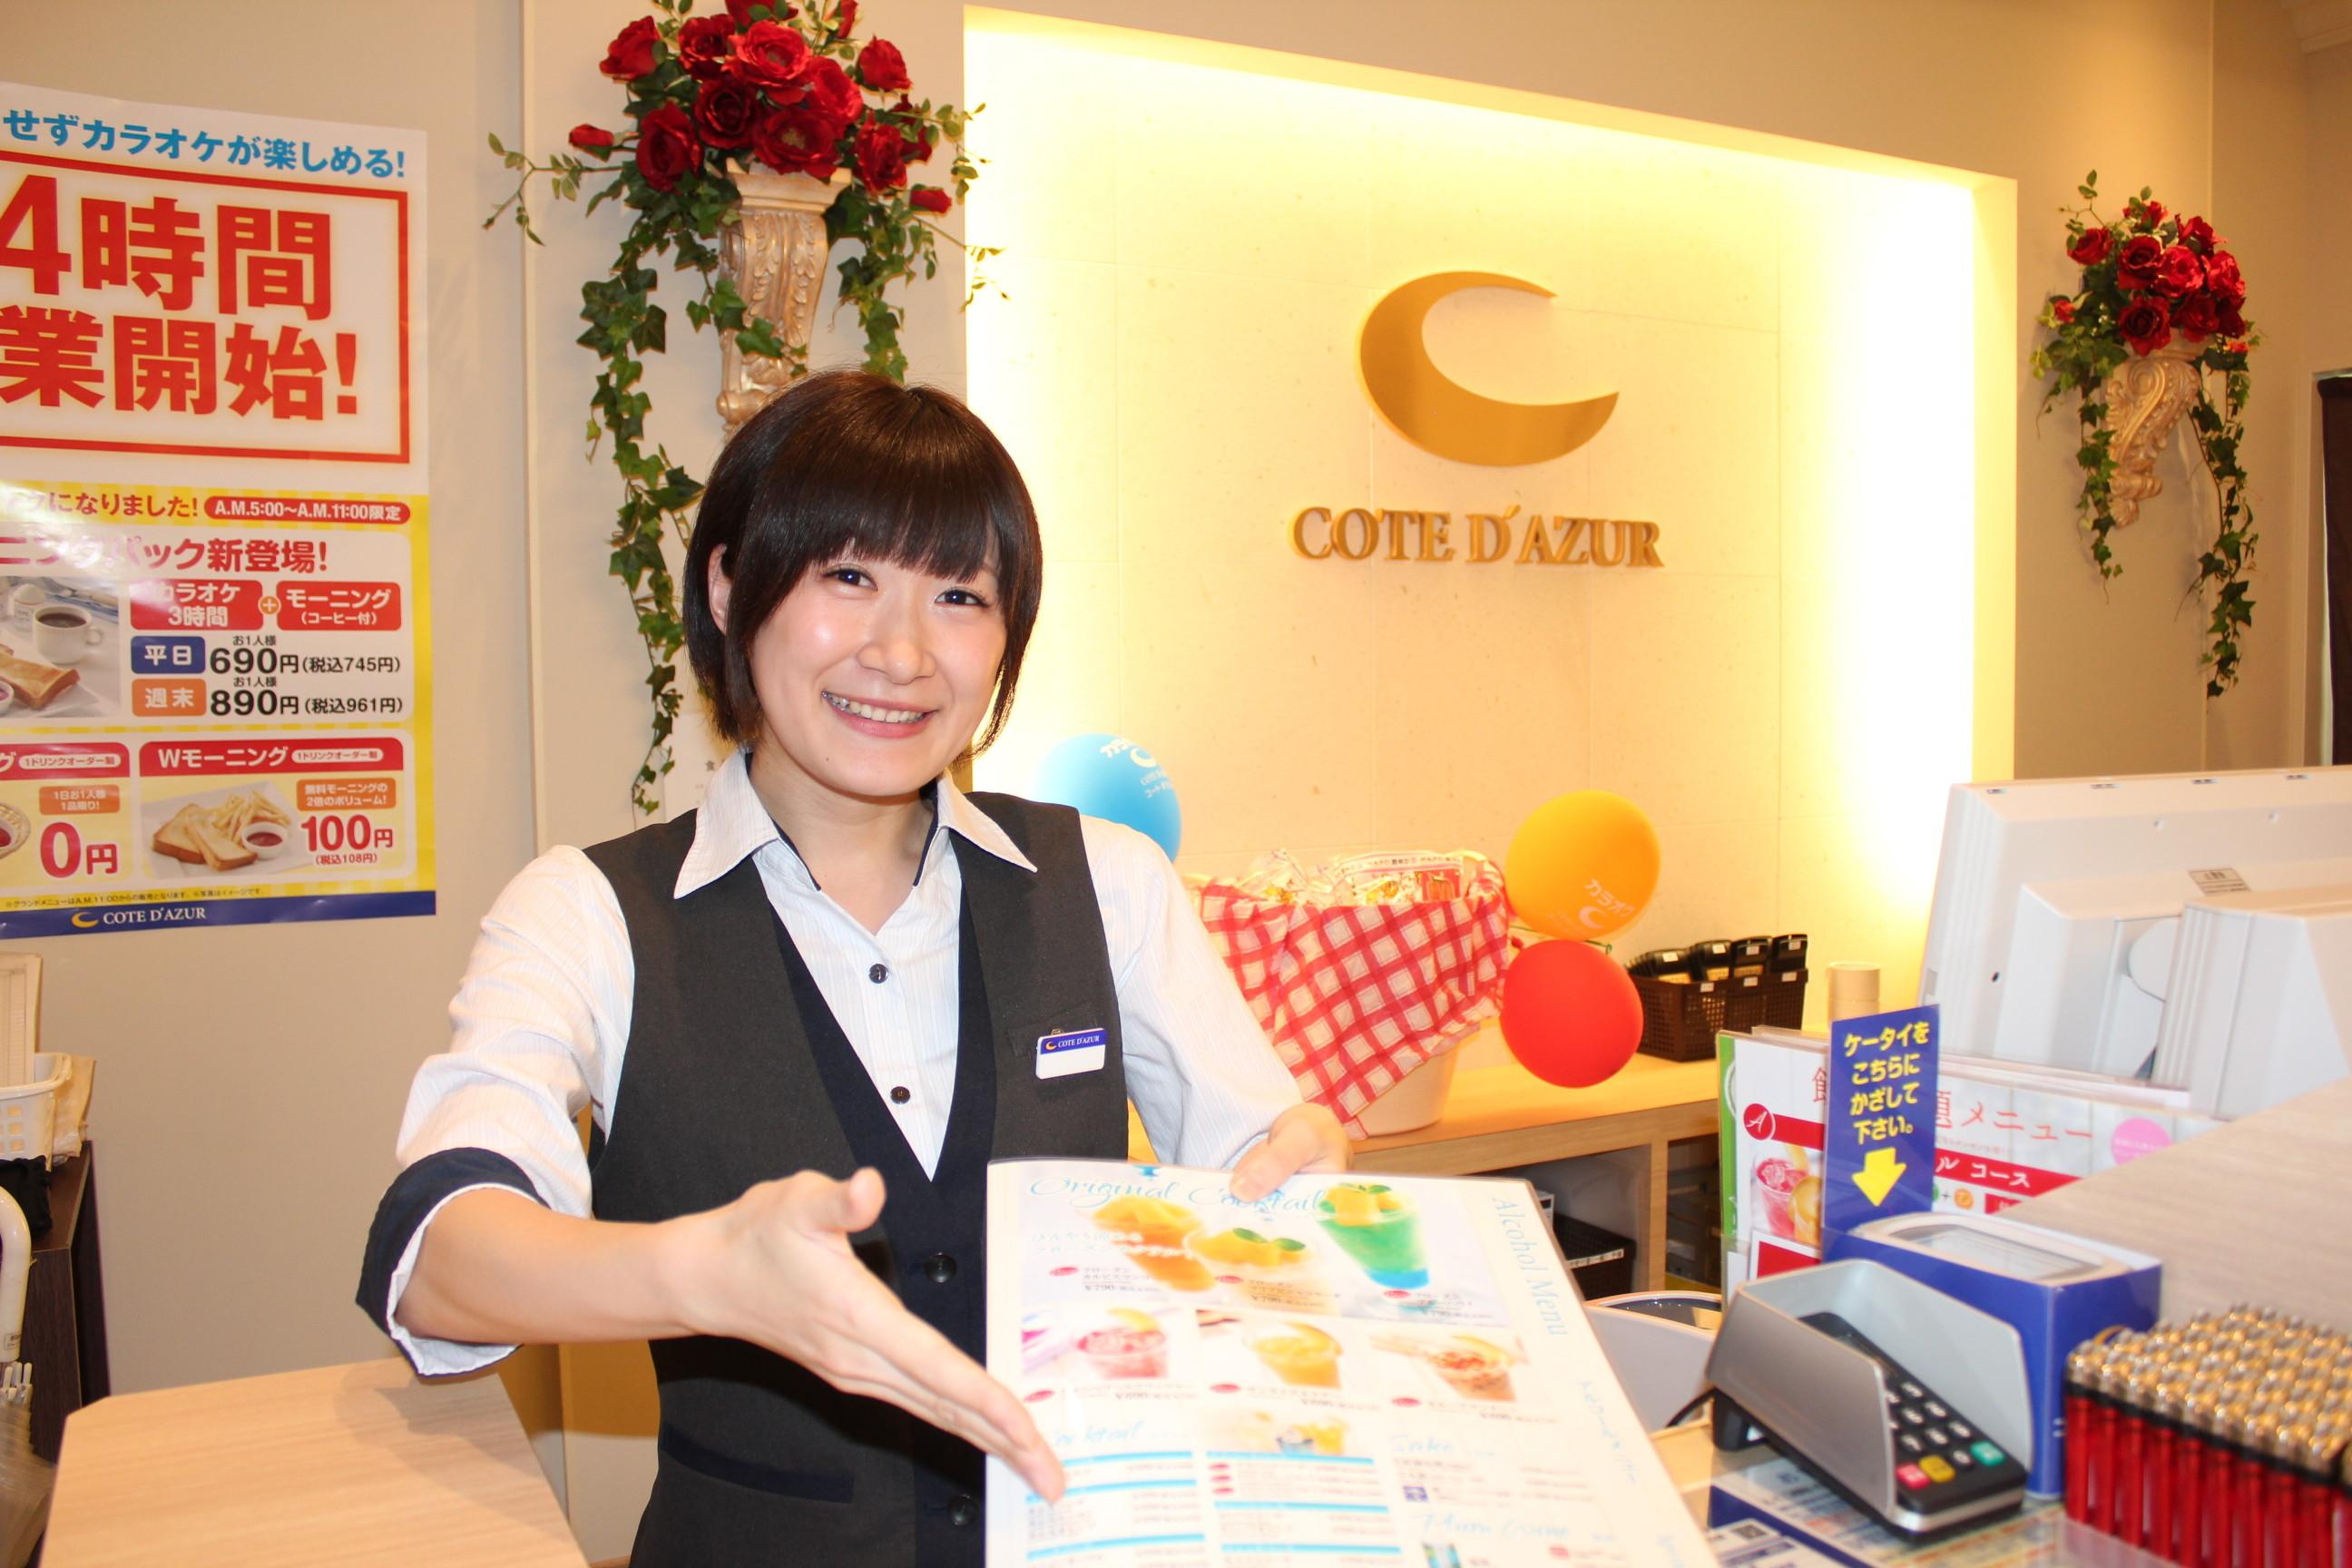 コート・ダジュール 飯田橋駅前店 のアルバイト情報